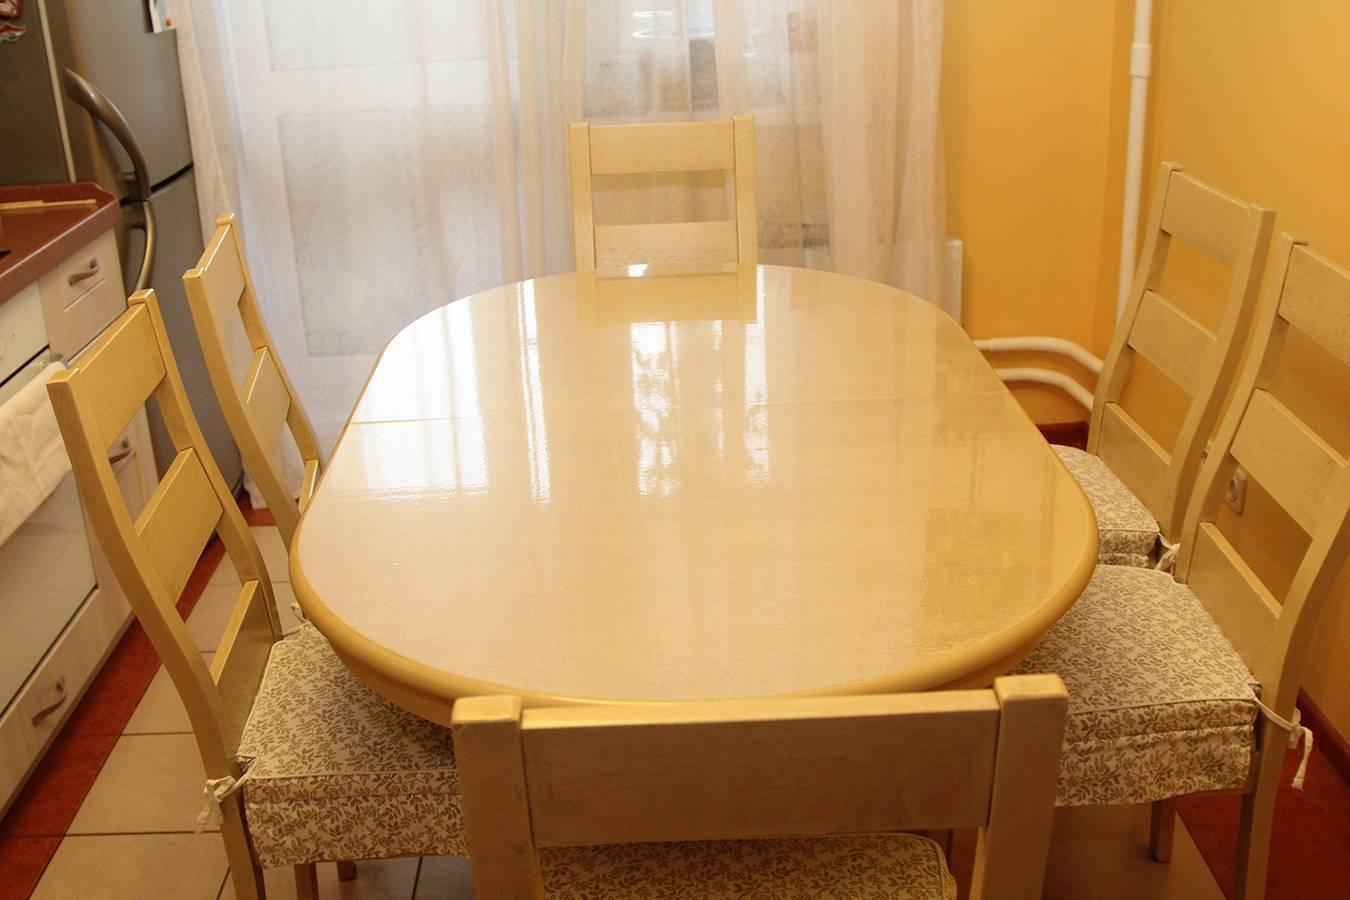 Силиконовая клеенка на стол как клеить — topsamoe.ru